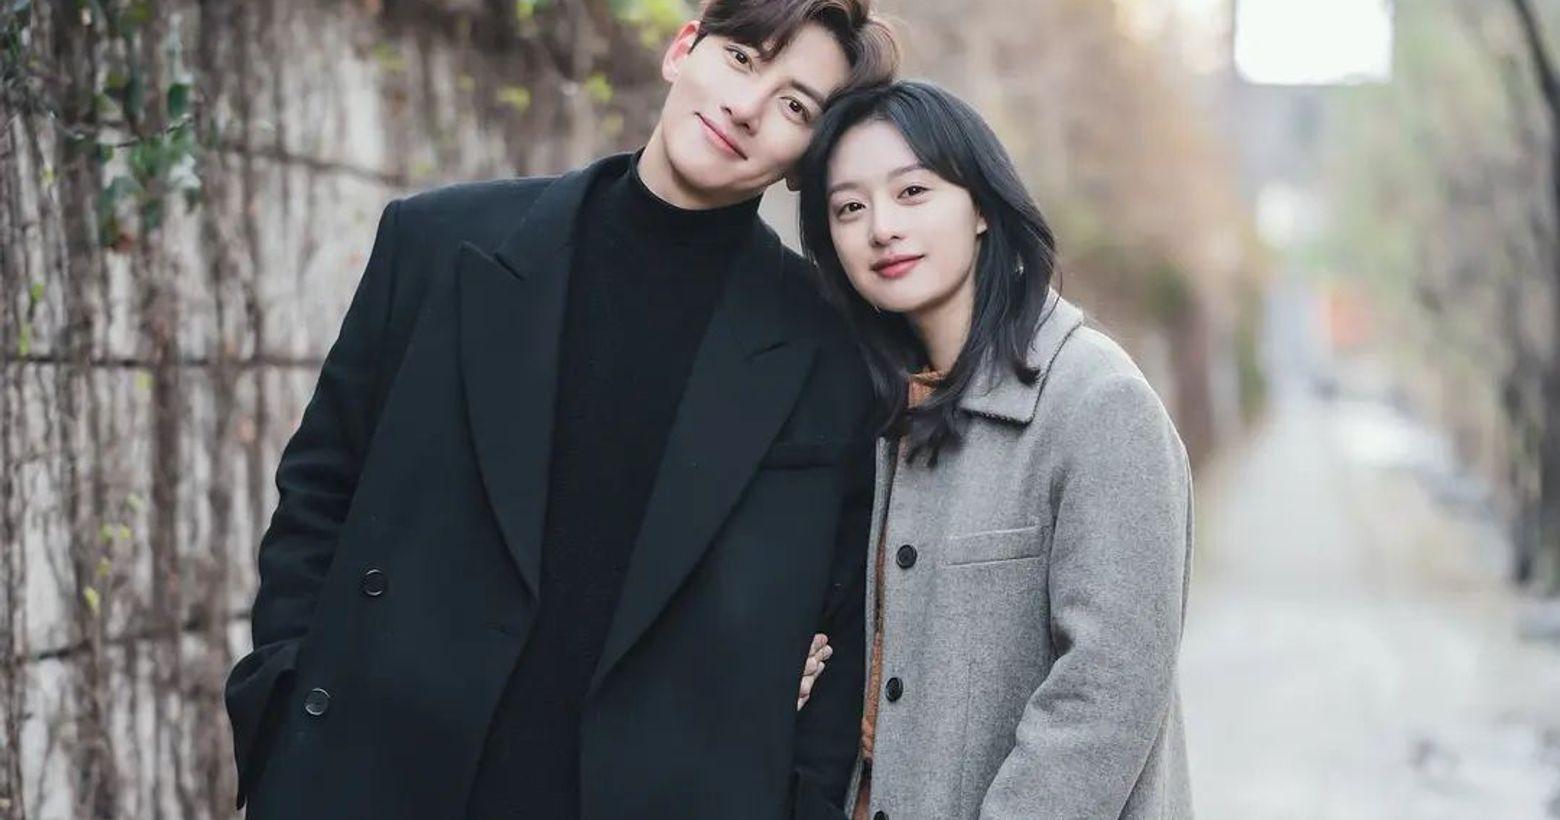 都市男女愛情法#韓劇愛在大都會#終映劇透感言愛情是什麼模樣?這個問題在每個人的心裡,答案